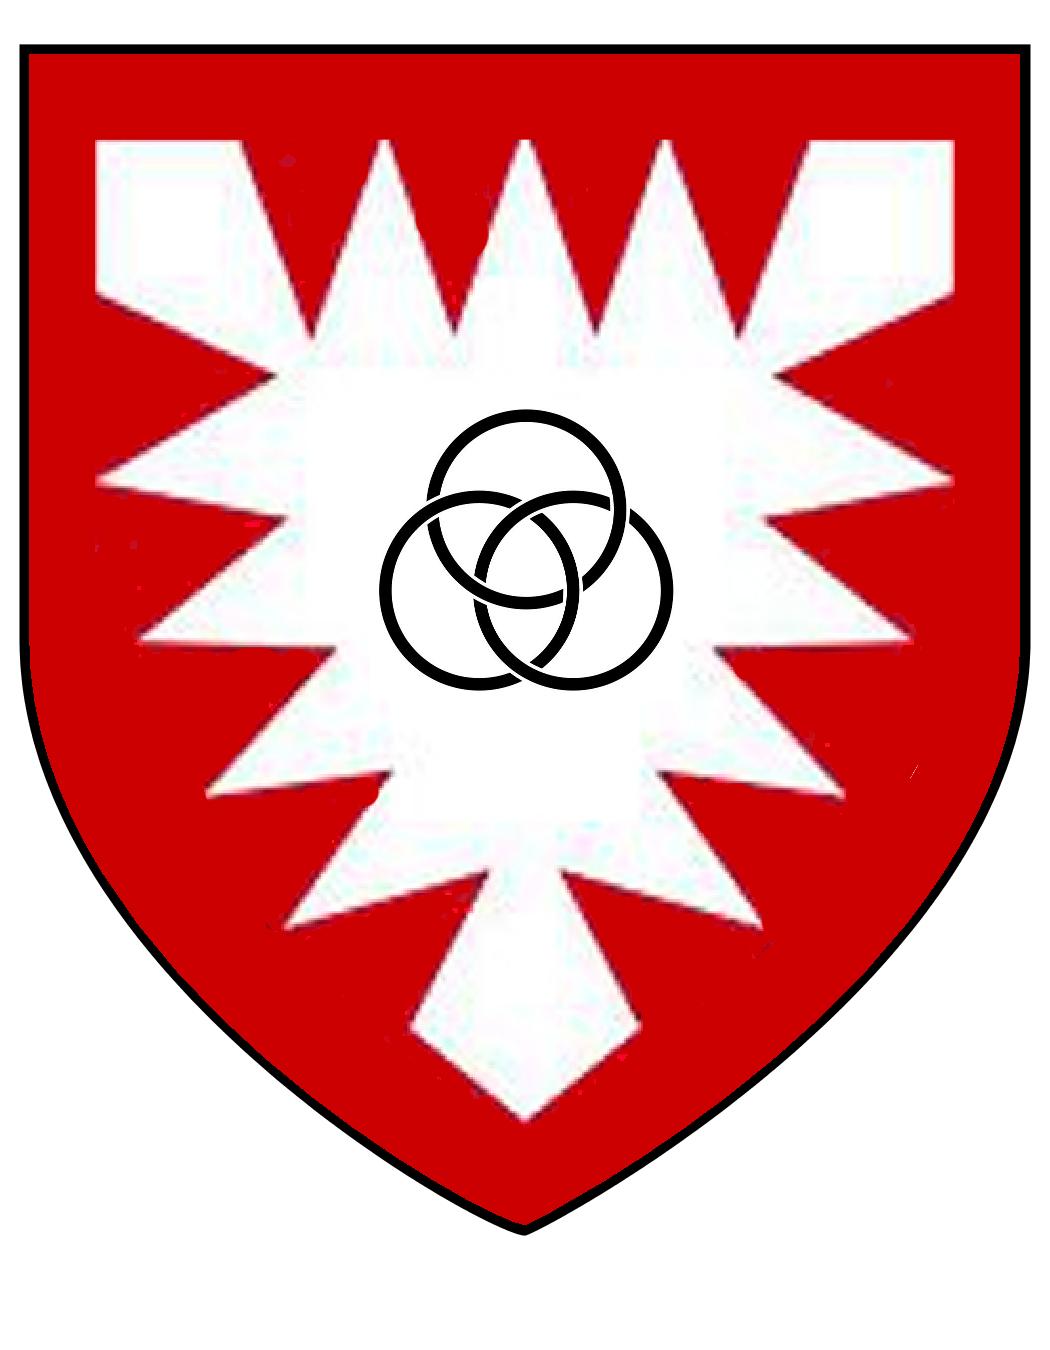 coat_of_arms_Lothair_von_Schauenburg.png